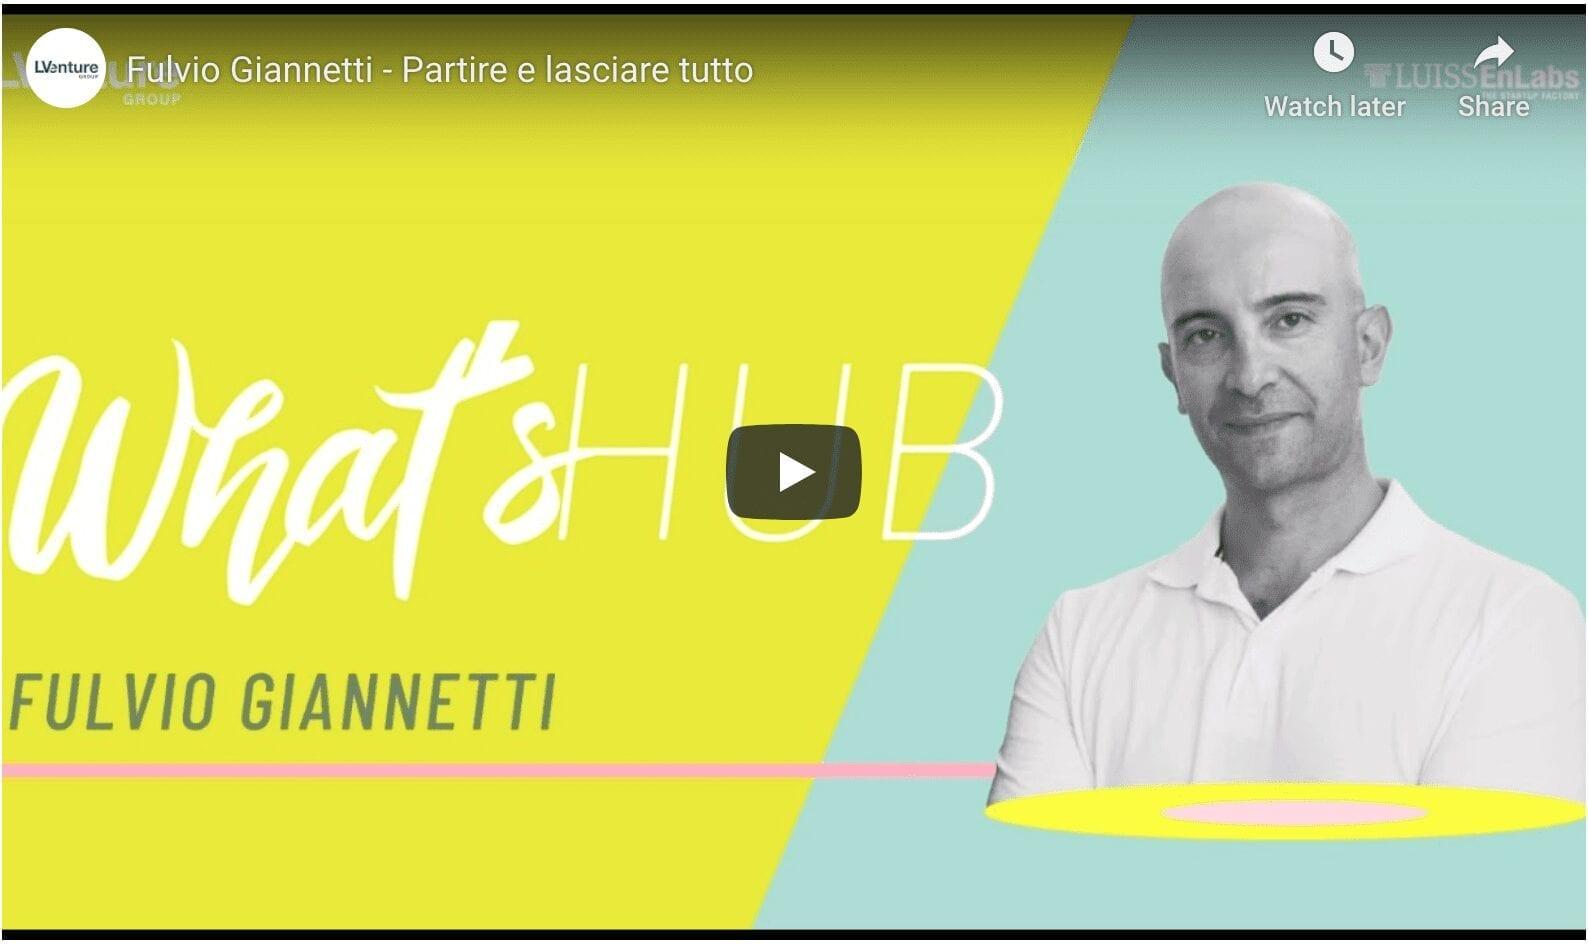 Fulvio Giannetti, developer of Lybra's Assistant revenue management system (RMS)